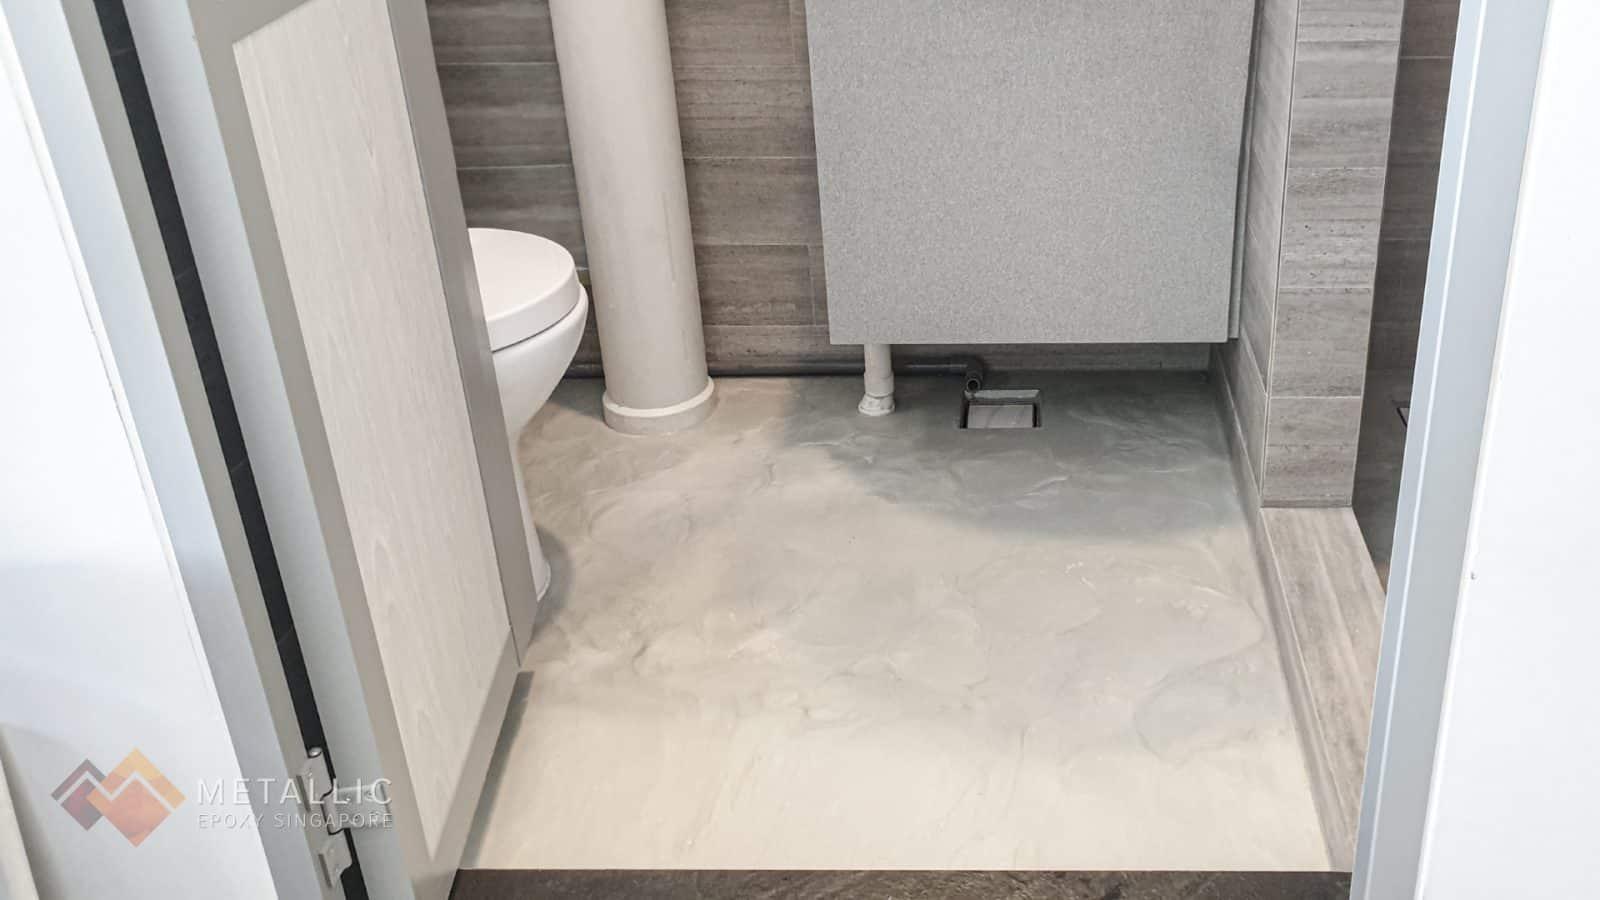 Light Industrial Bathroom Flooring